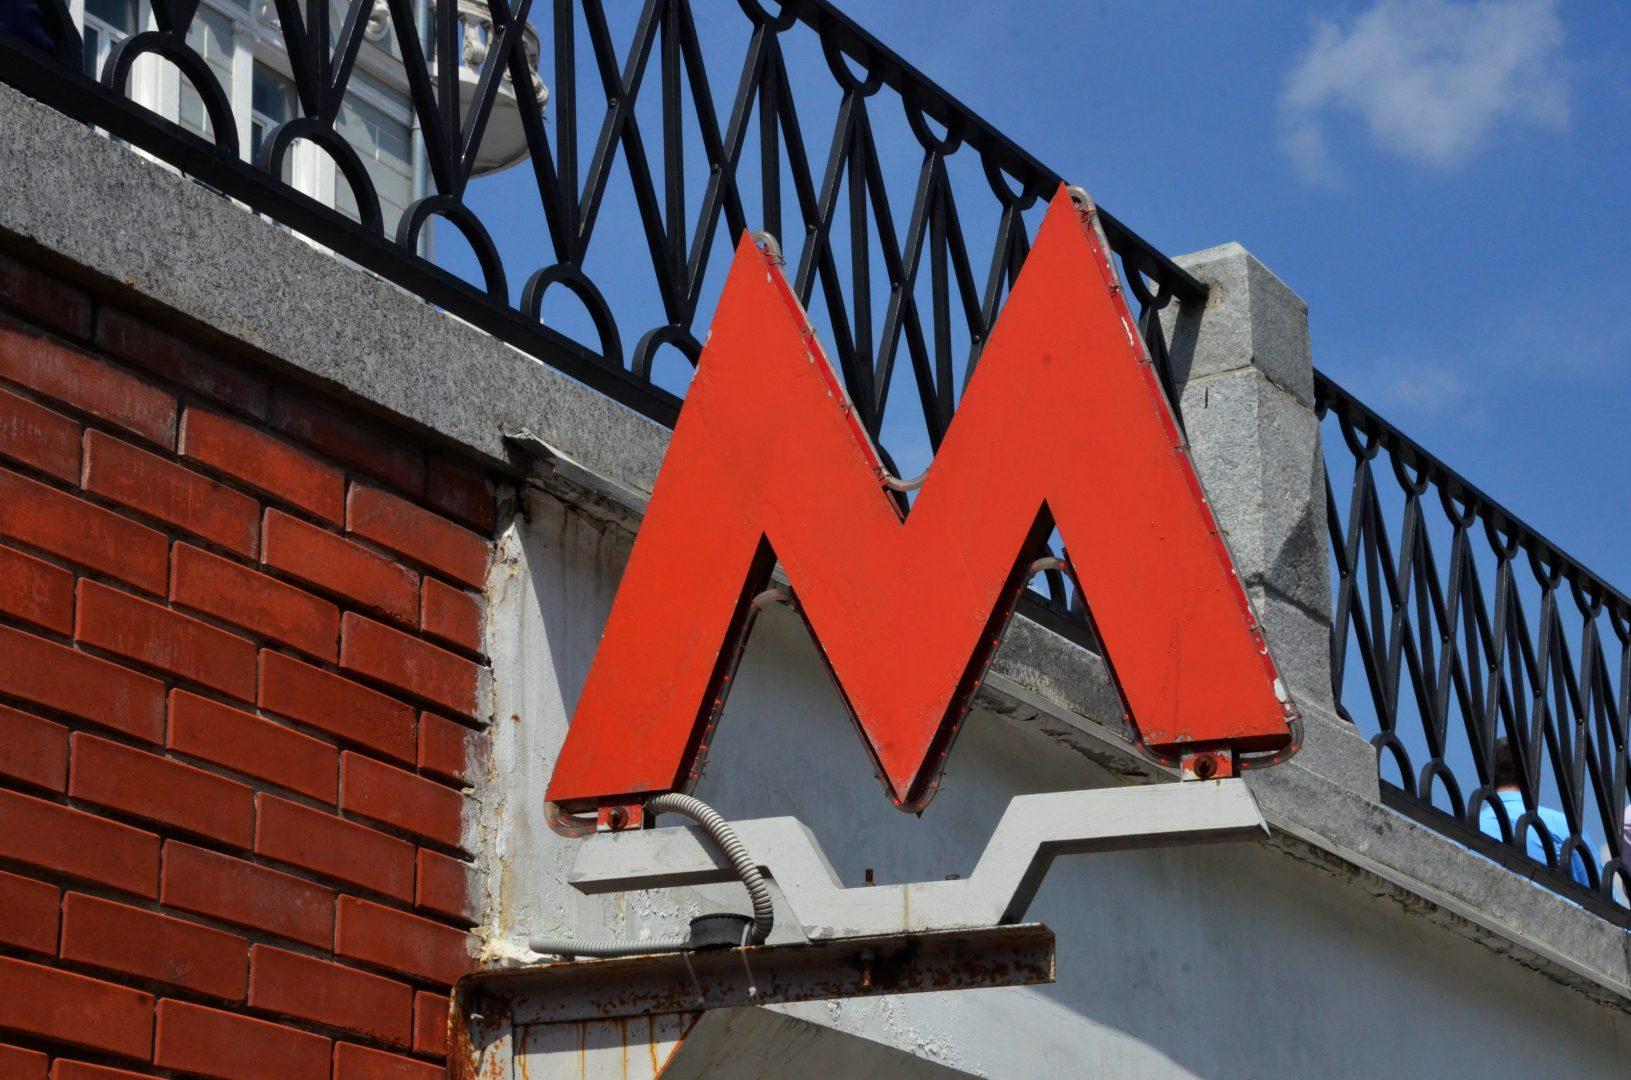 Семь станций метро откроют в Новой Москве до 2023 года. Фото: Анна Быкова